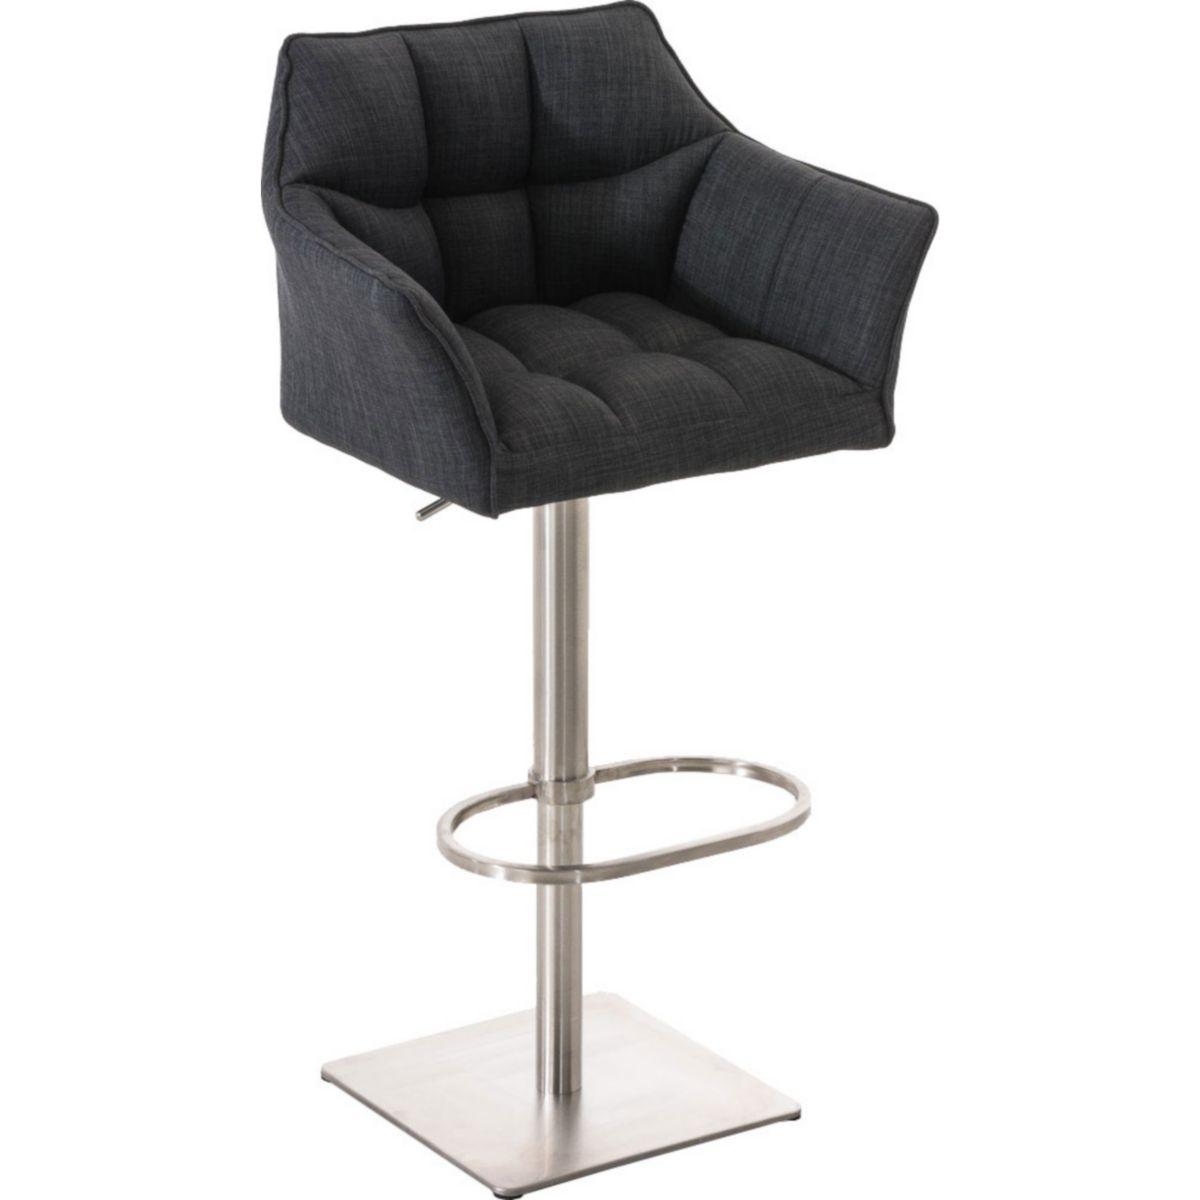 CLP Barhocker DAMASO E mit Stoffbezug und Lehne | Das Edelstahl-Gestell ist drehbar höhenverstellbar Der Barstuhl gepolstert in verschiedenen Farben erhältlich Stuhl verfügt über eine Fußablage jetztbilligerkaufen